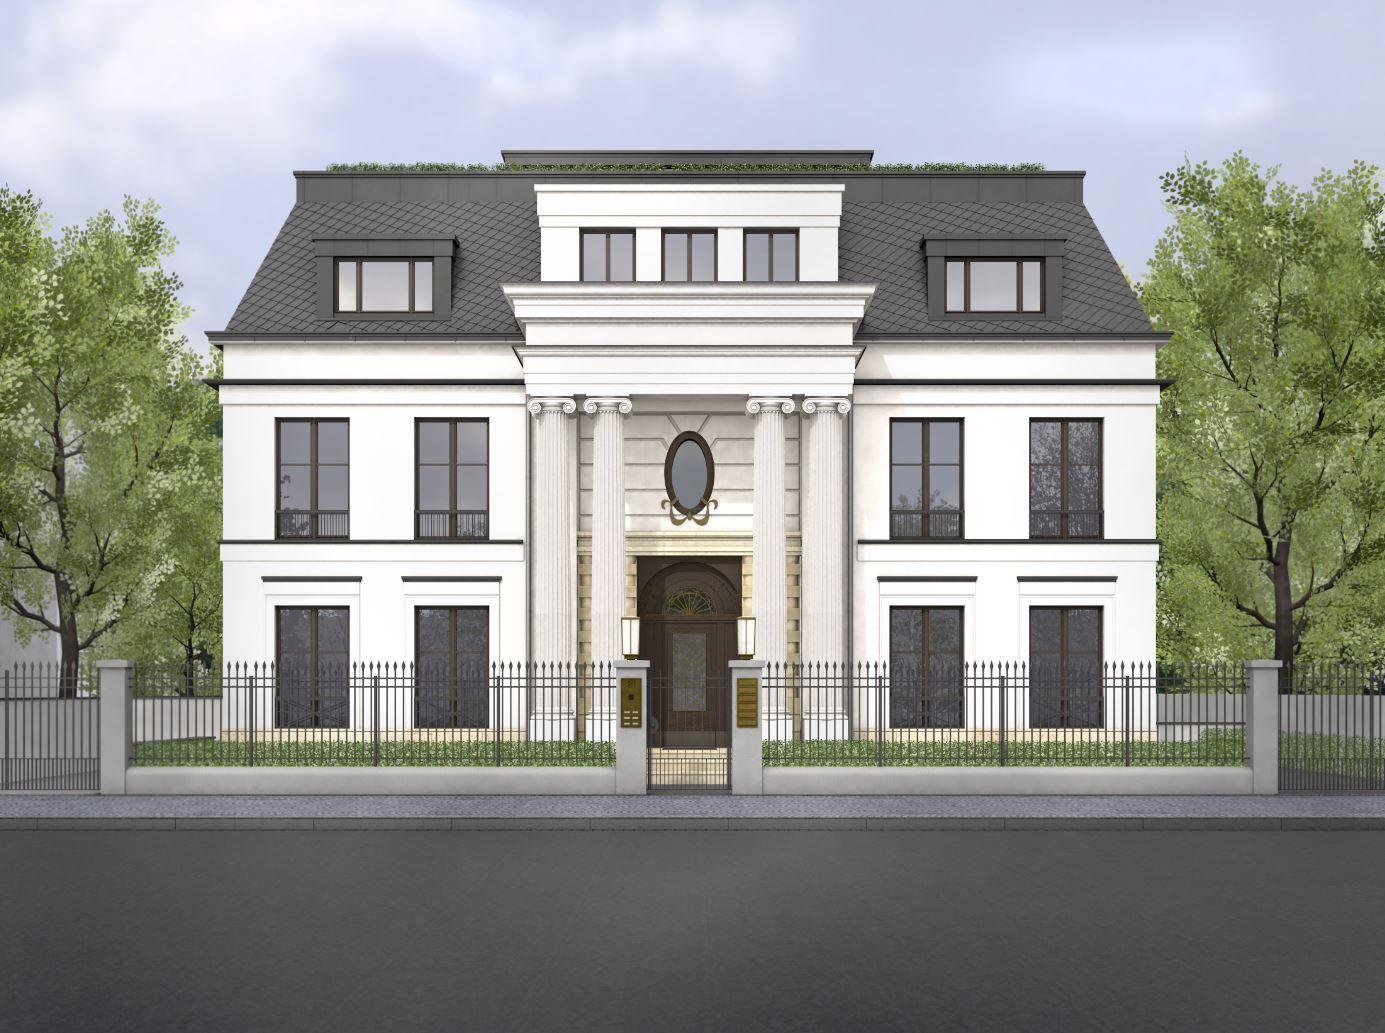 Haus A - Kahlfeldt Architekten   Architecture   Pinterest   Window ...